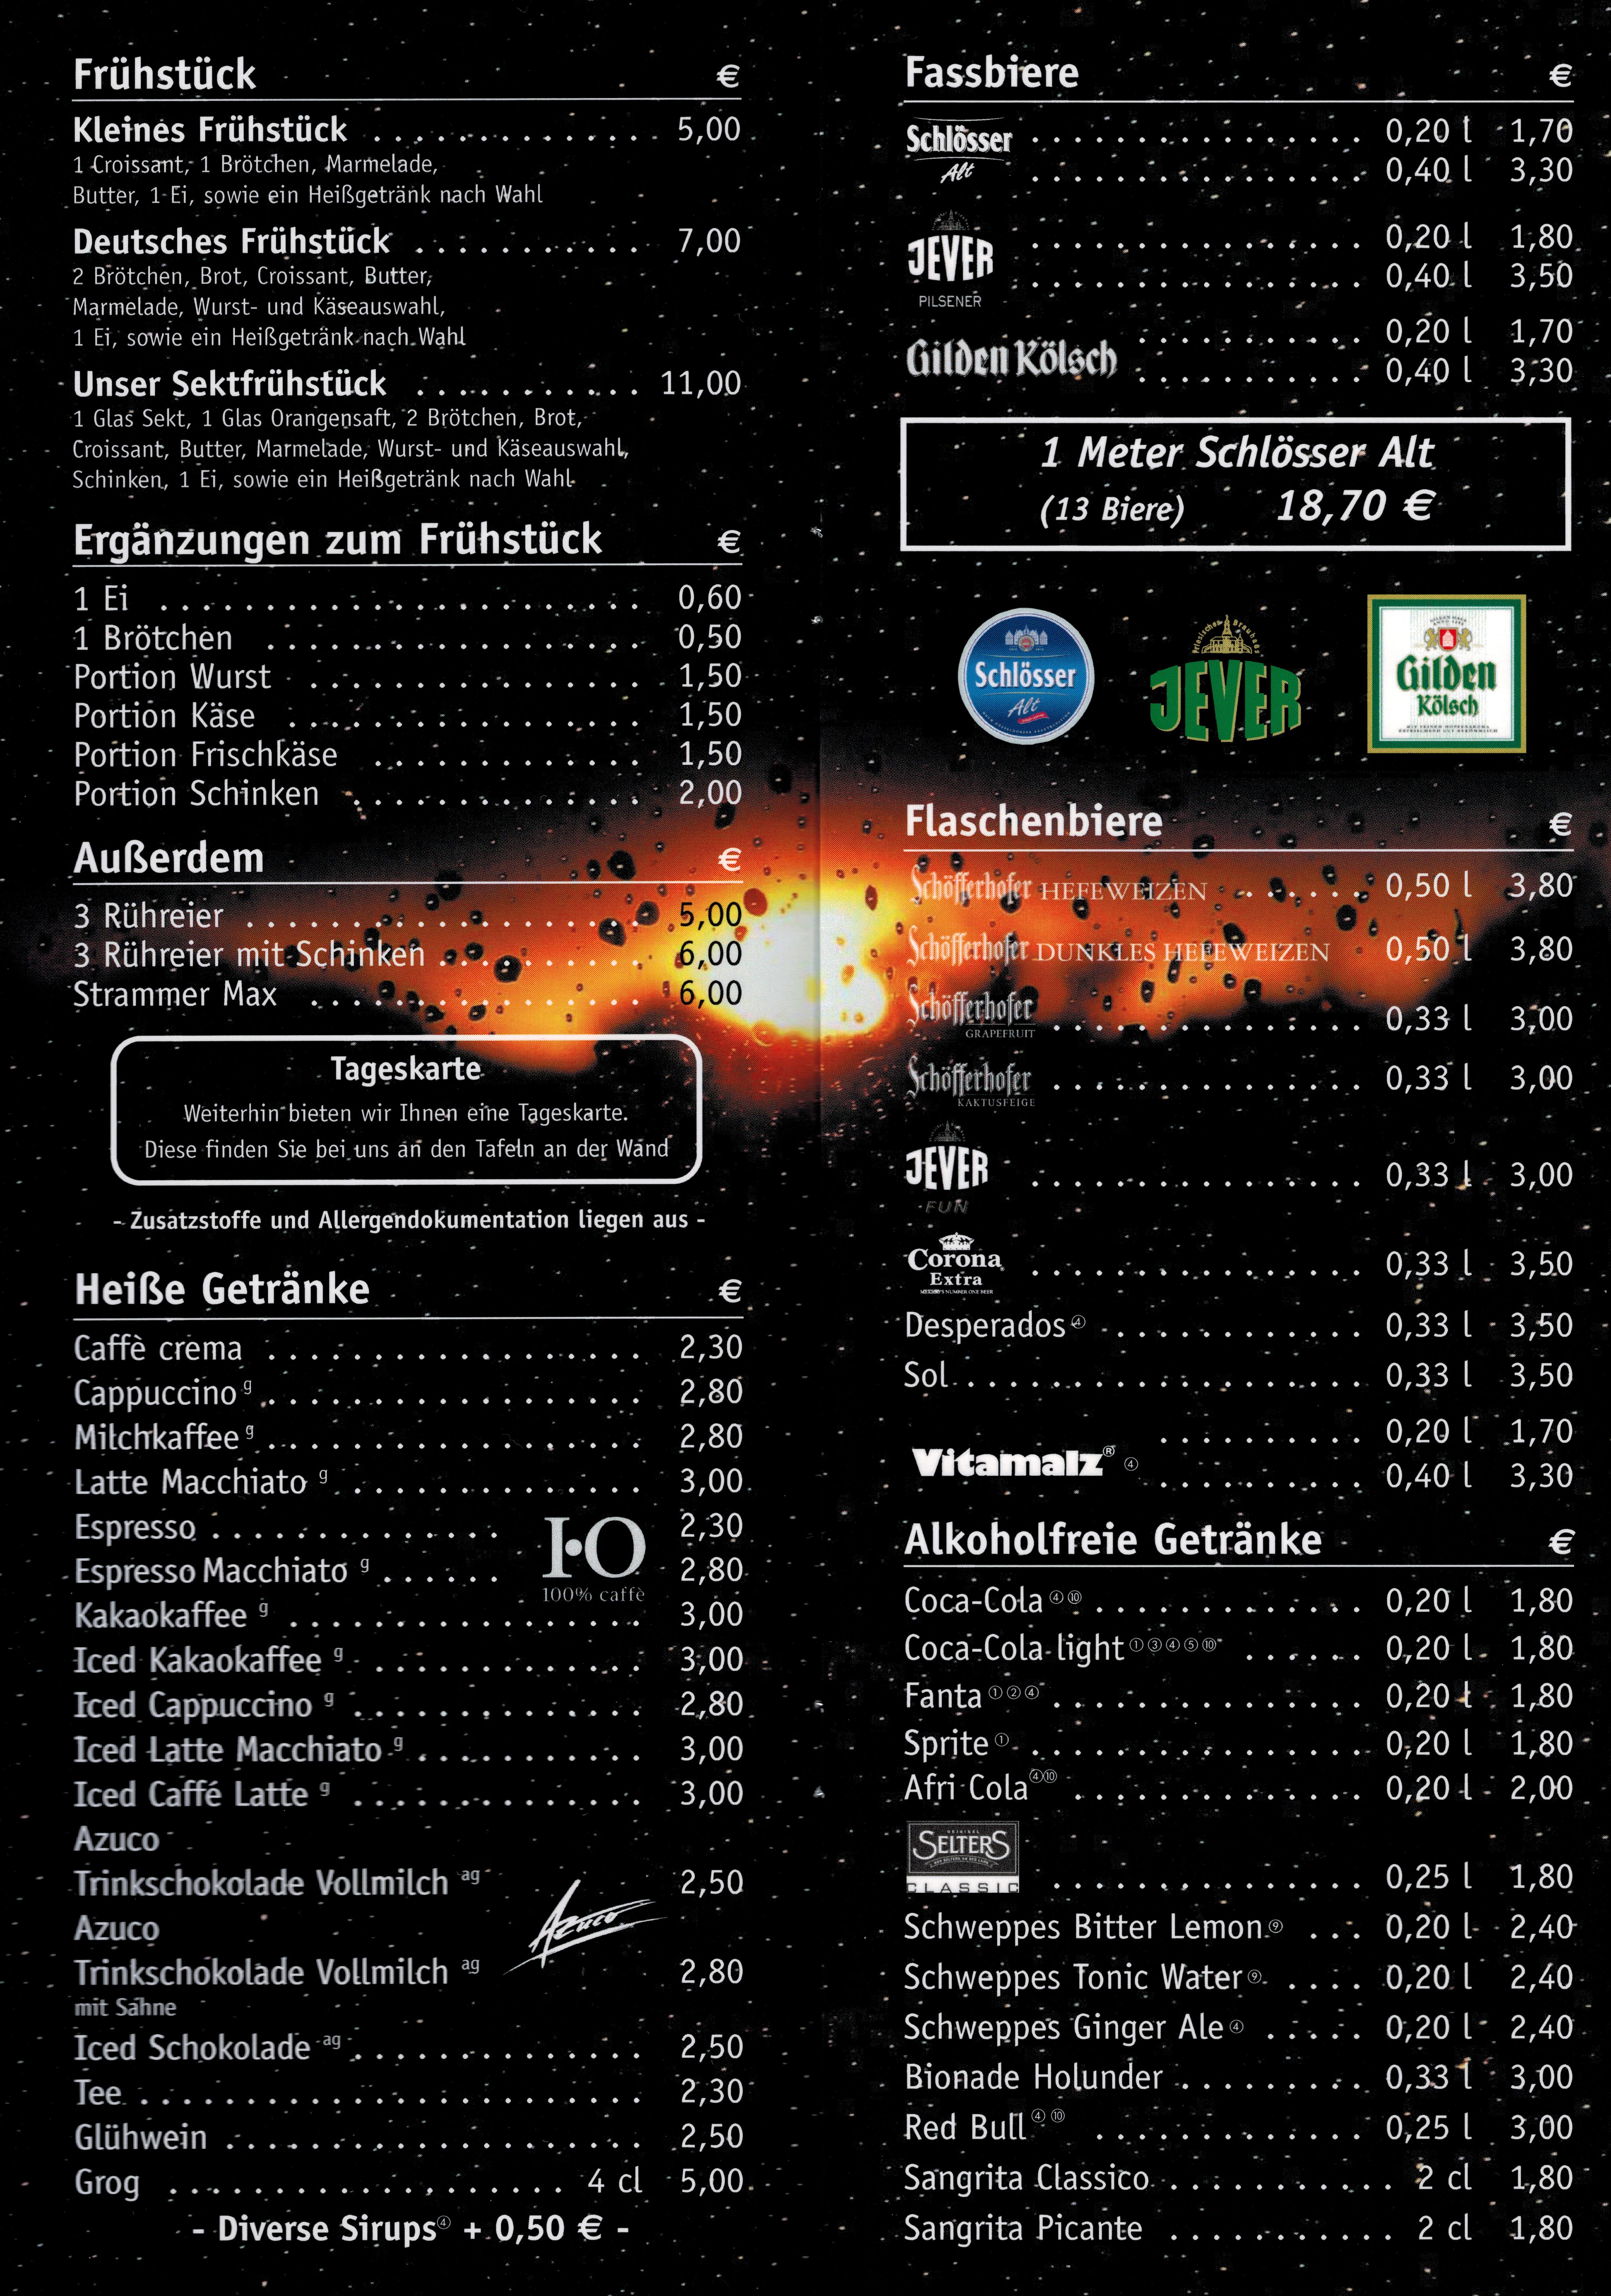 Getränkekarte Seite 1 - 2